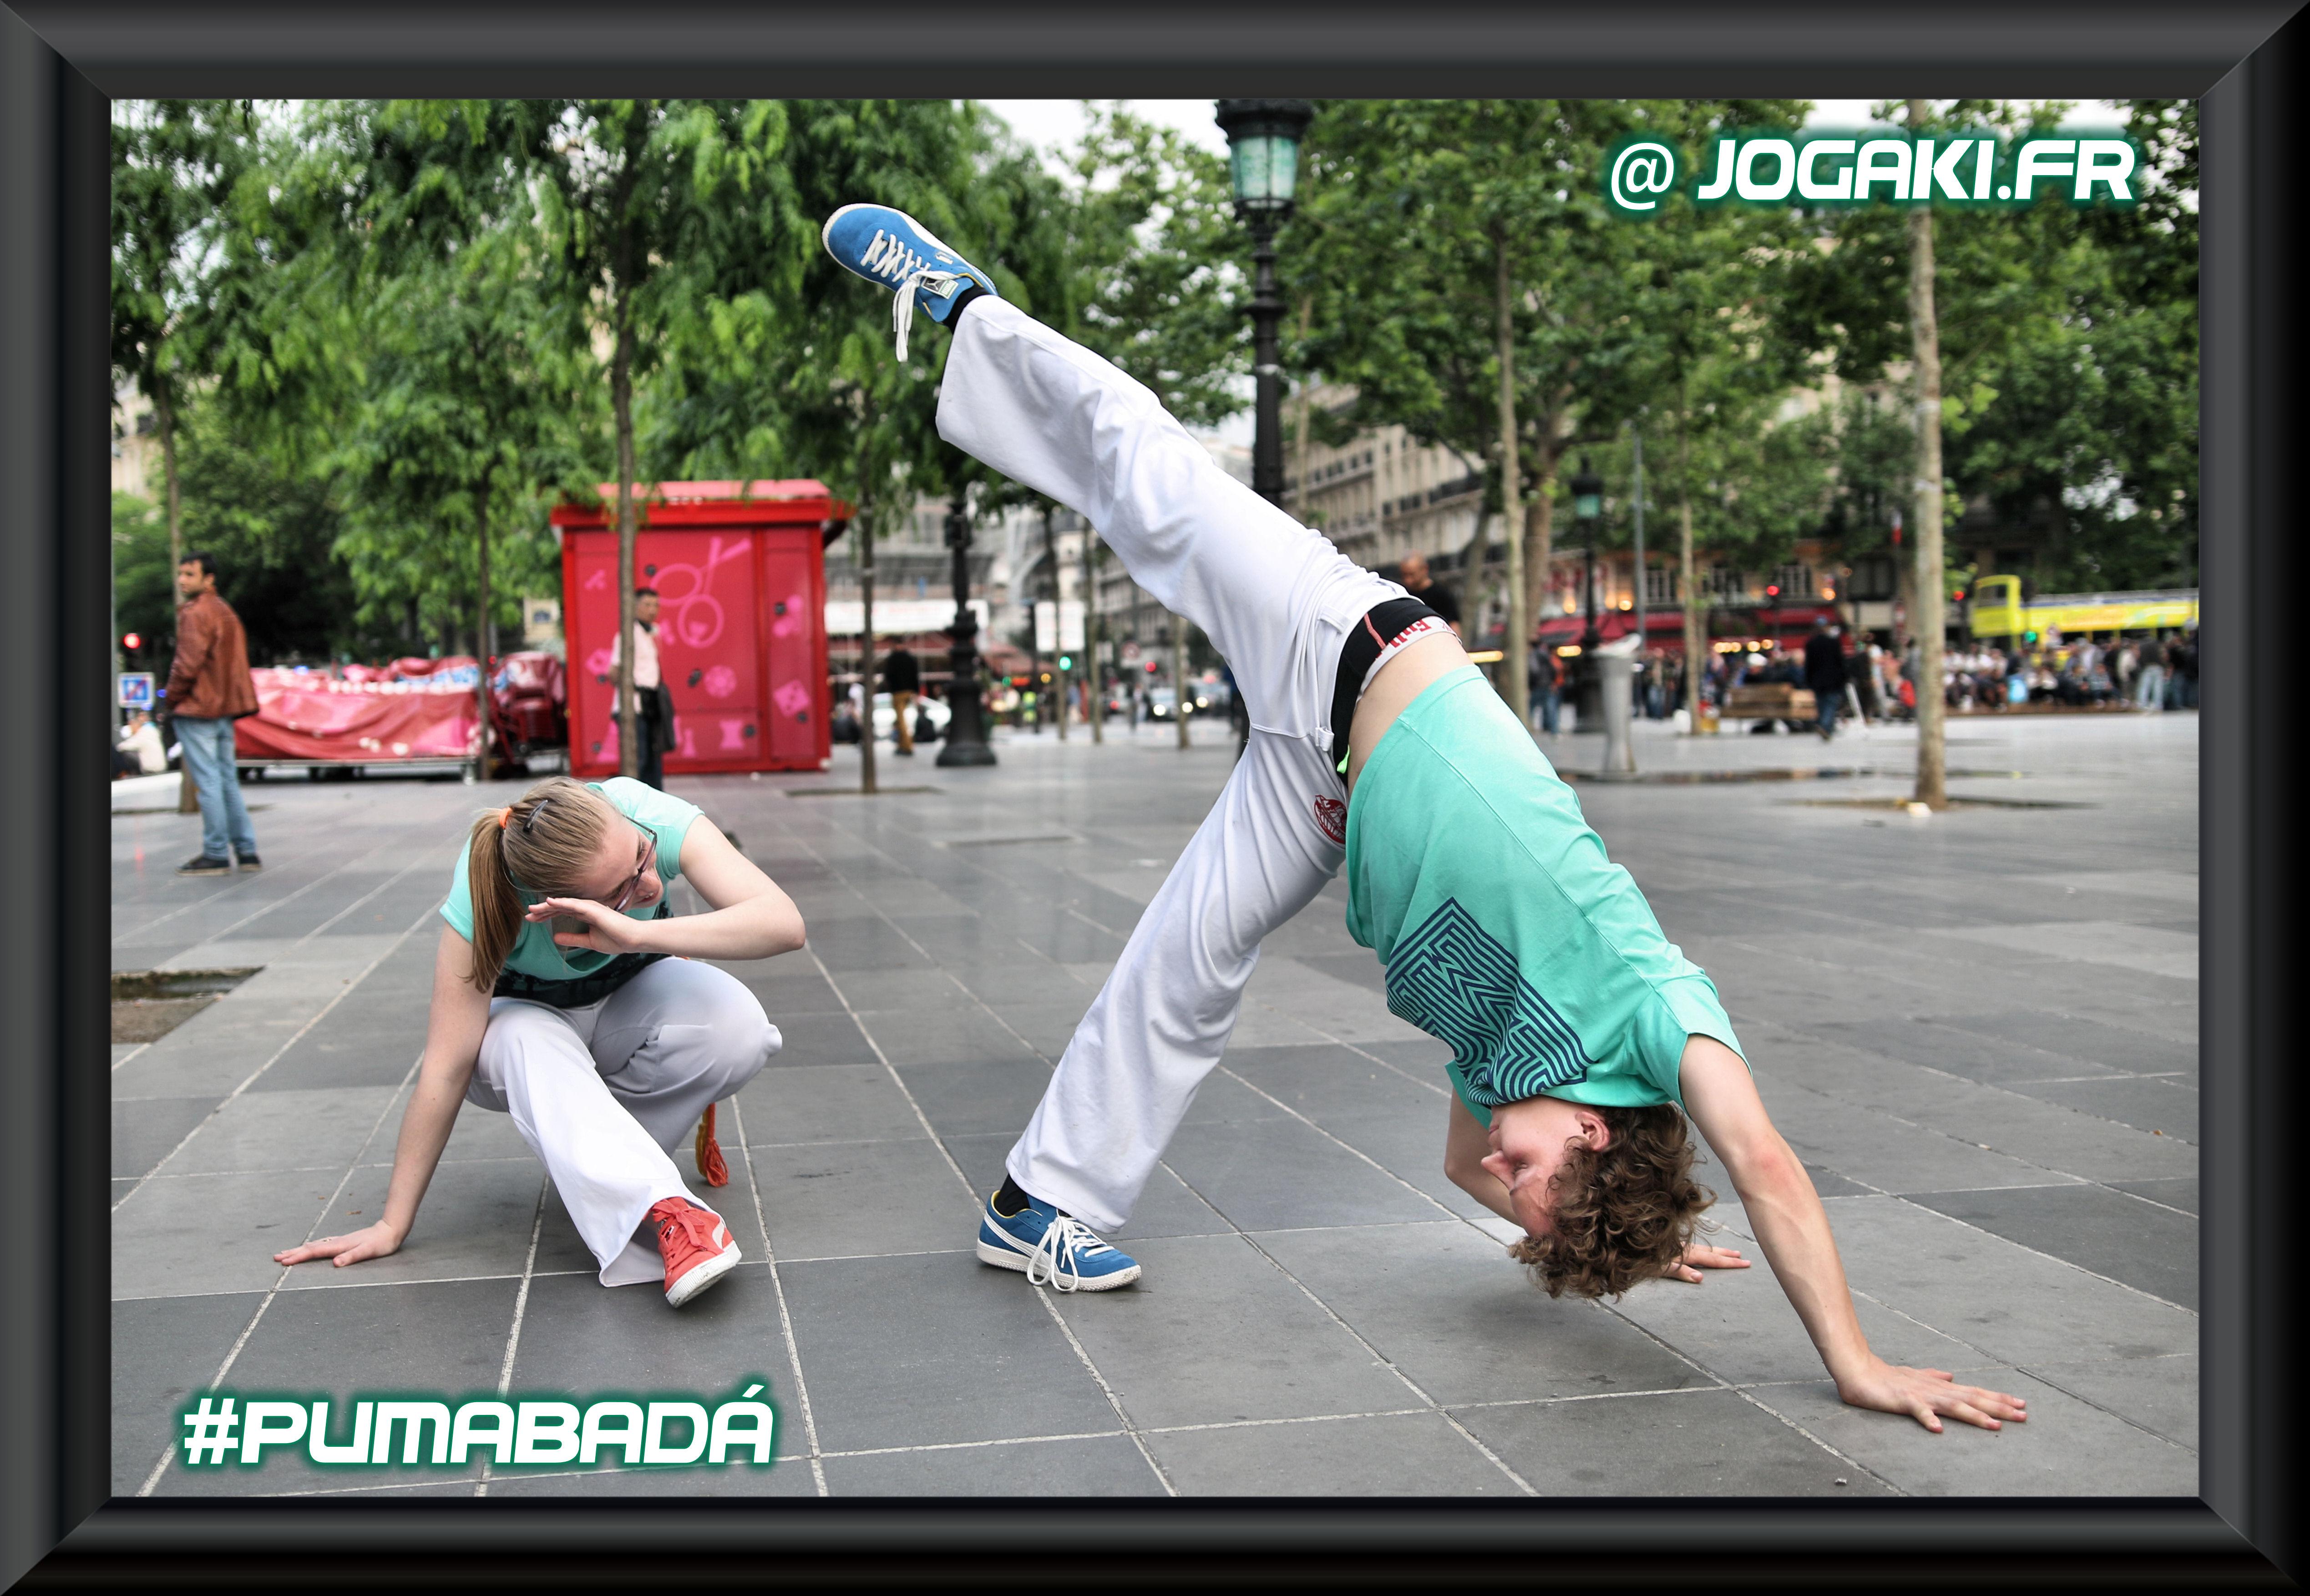 capoeira-paris-photo-puma-jogaki